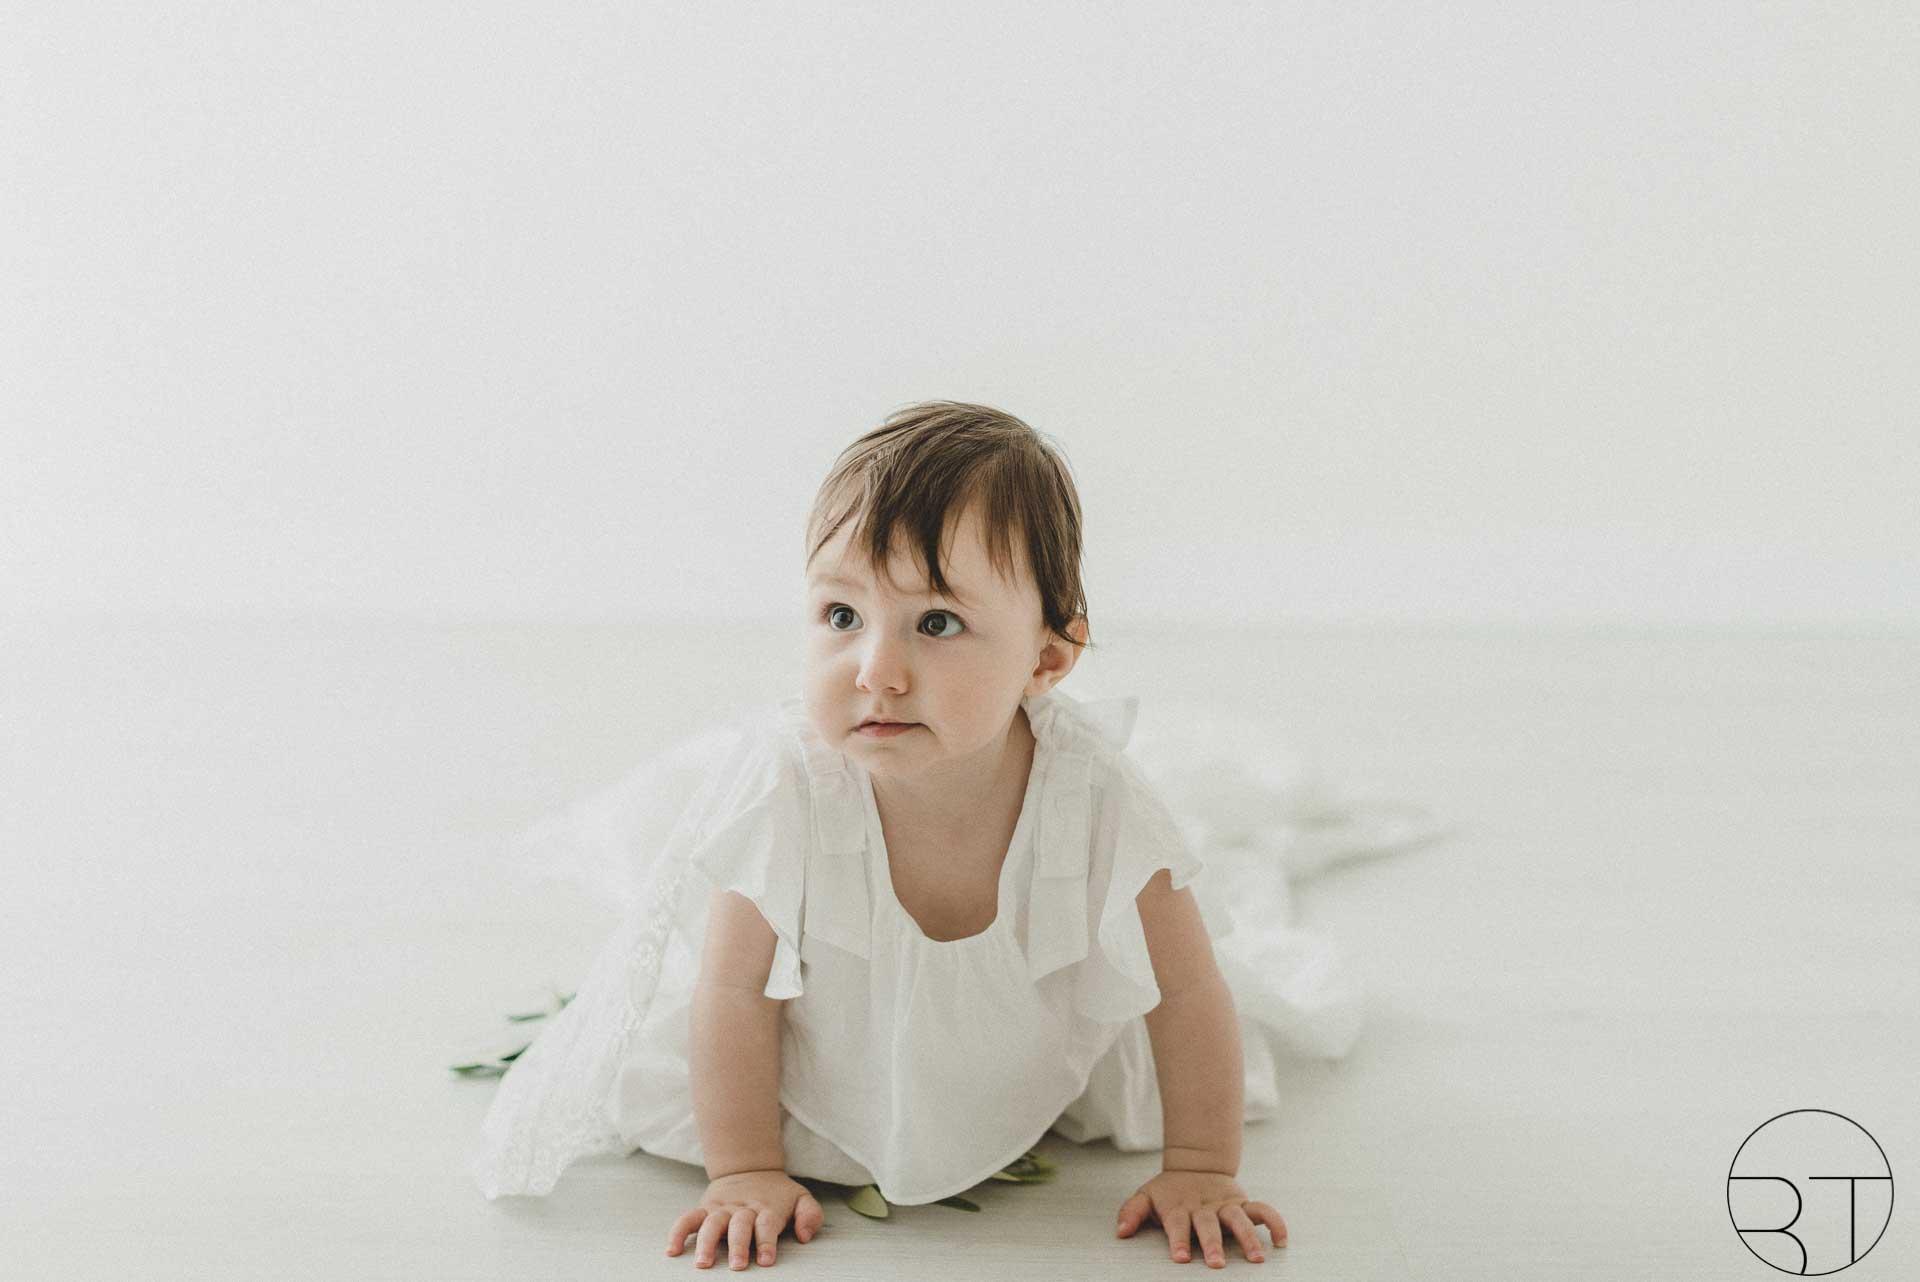 Servizio fotografico newborn bimba con frangetta realizzato da Barbara Trincone Fotografo specializzato in Gravidanza, Maternità, Genitorialità, Nascita e Newborn a Napoli, Avellino, Salerno, Caserta